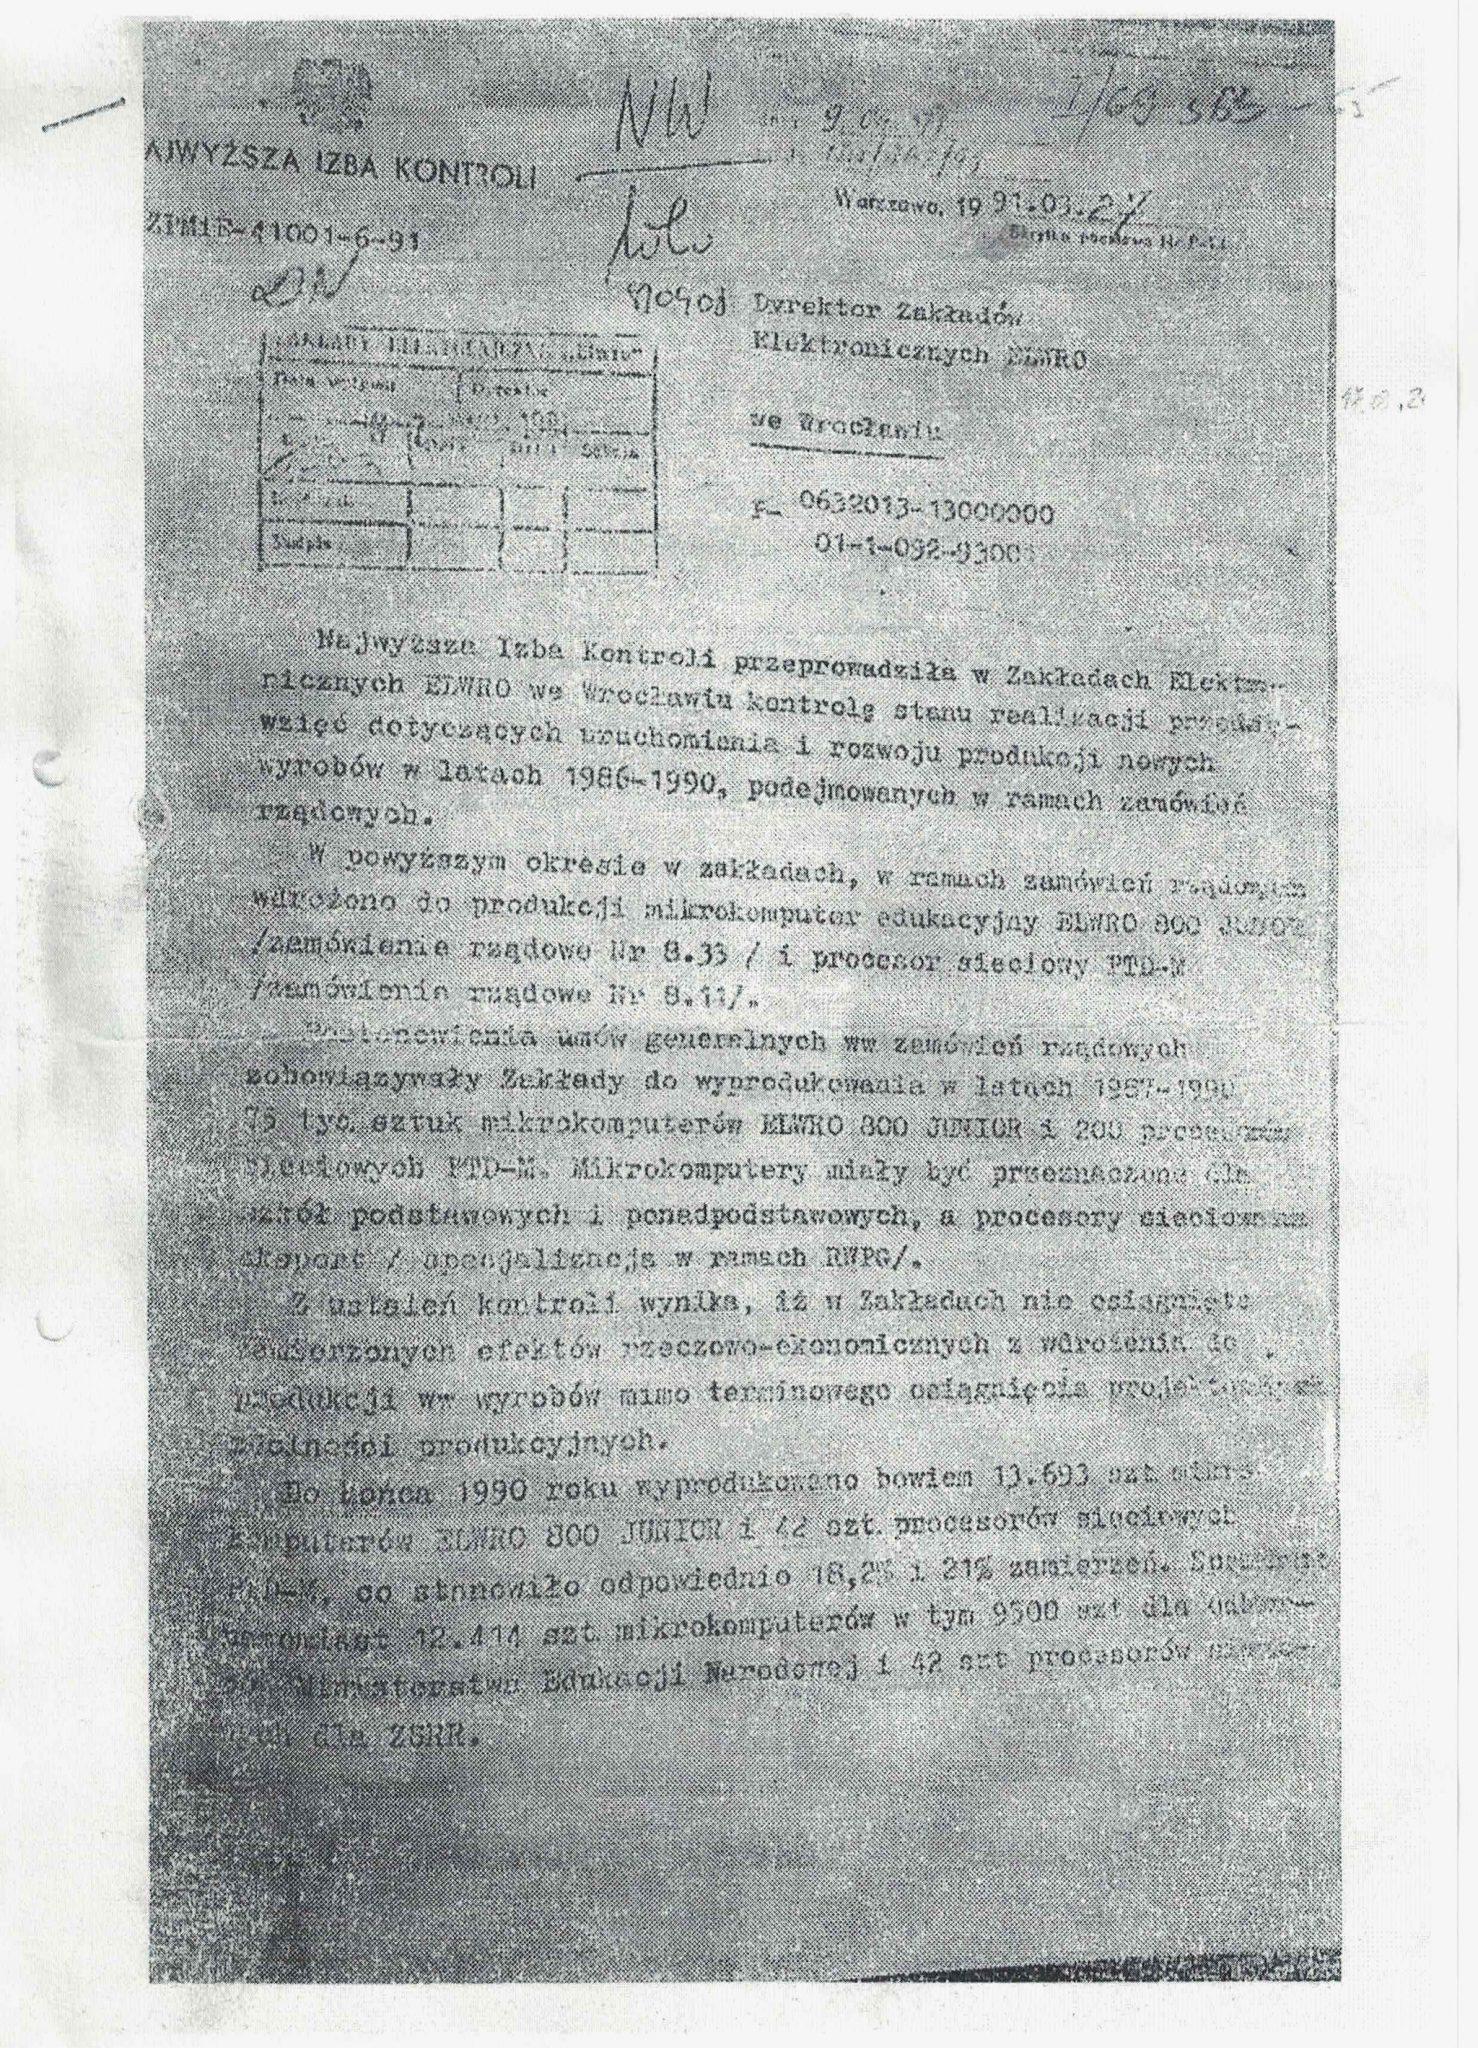 Dokument Naczelnej Izby Kontroli potwierdzający ilość wyprodukowanych mikrokomputerów ELWRO 800 Junior